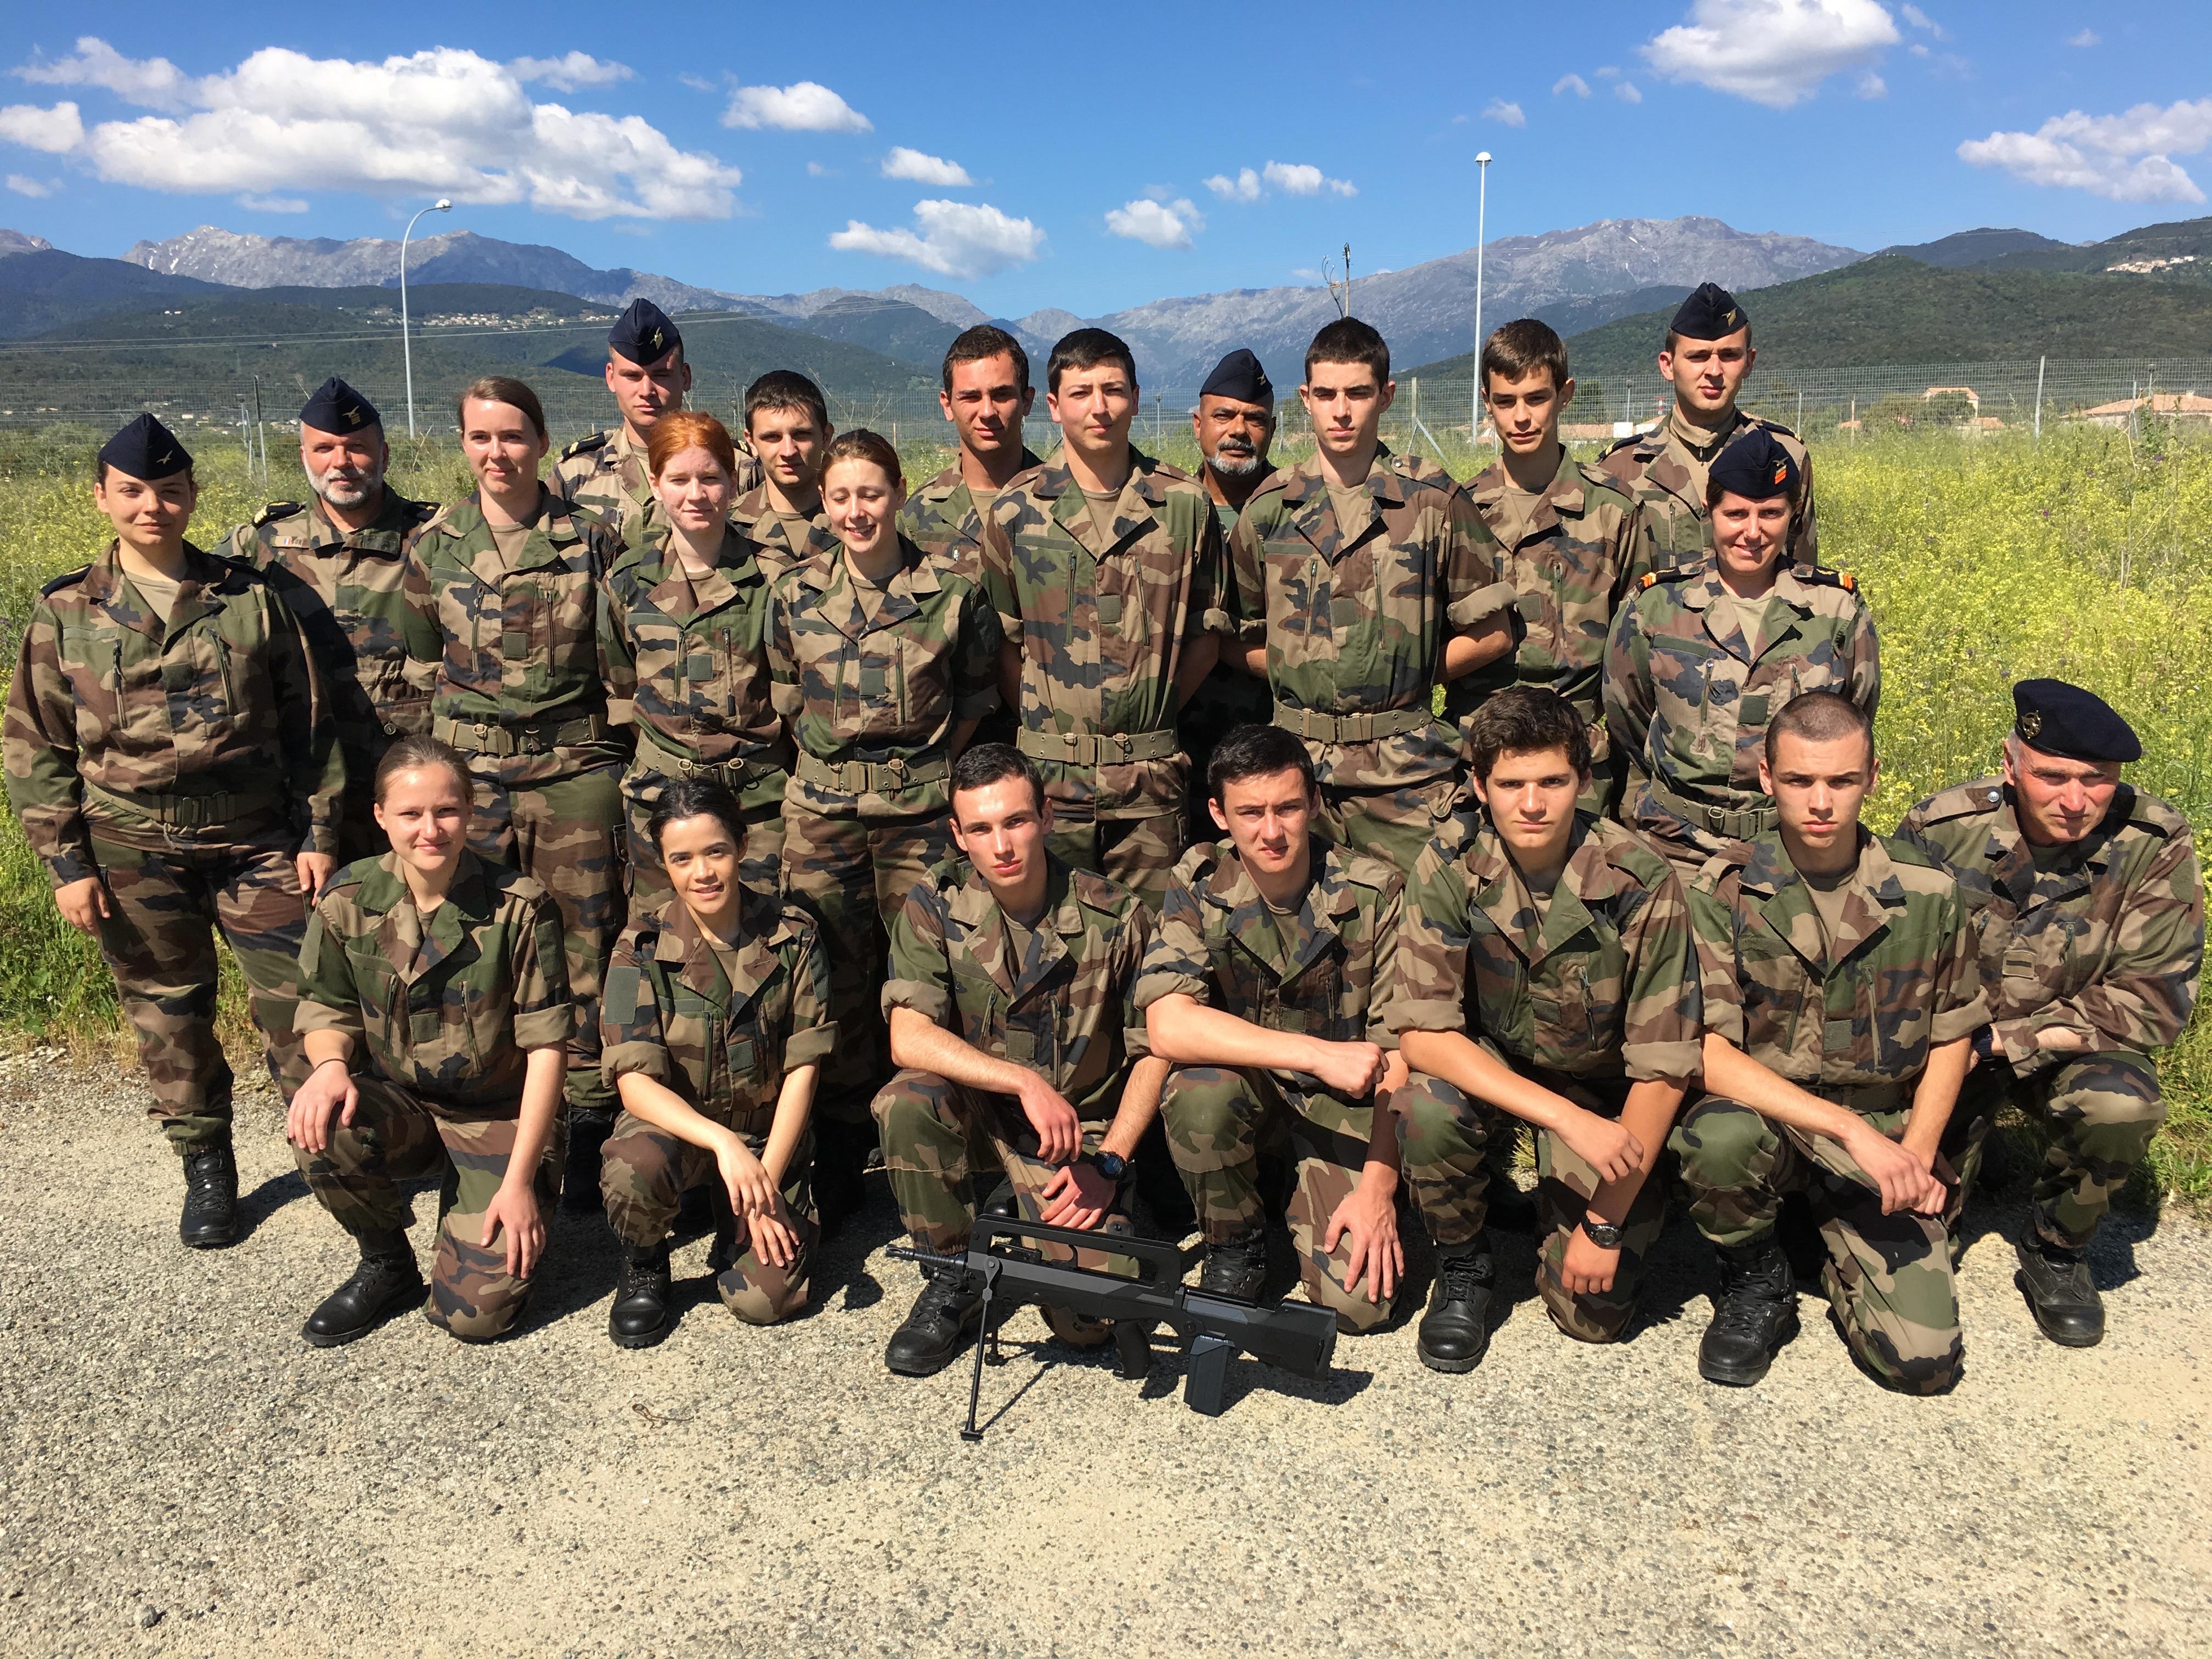 Les jeunes candidats réservistes en préparation militaire de perfectionnement avec leurs encadrants.